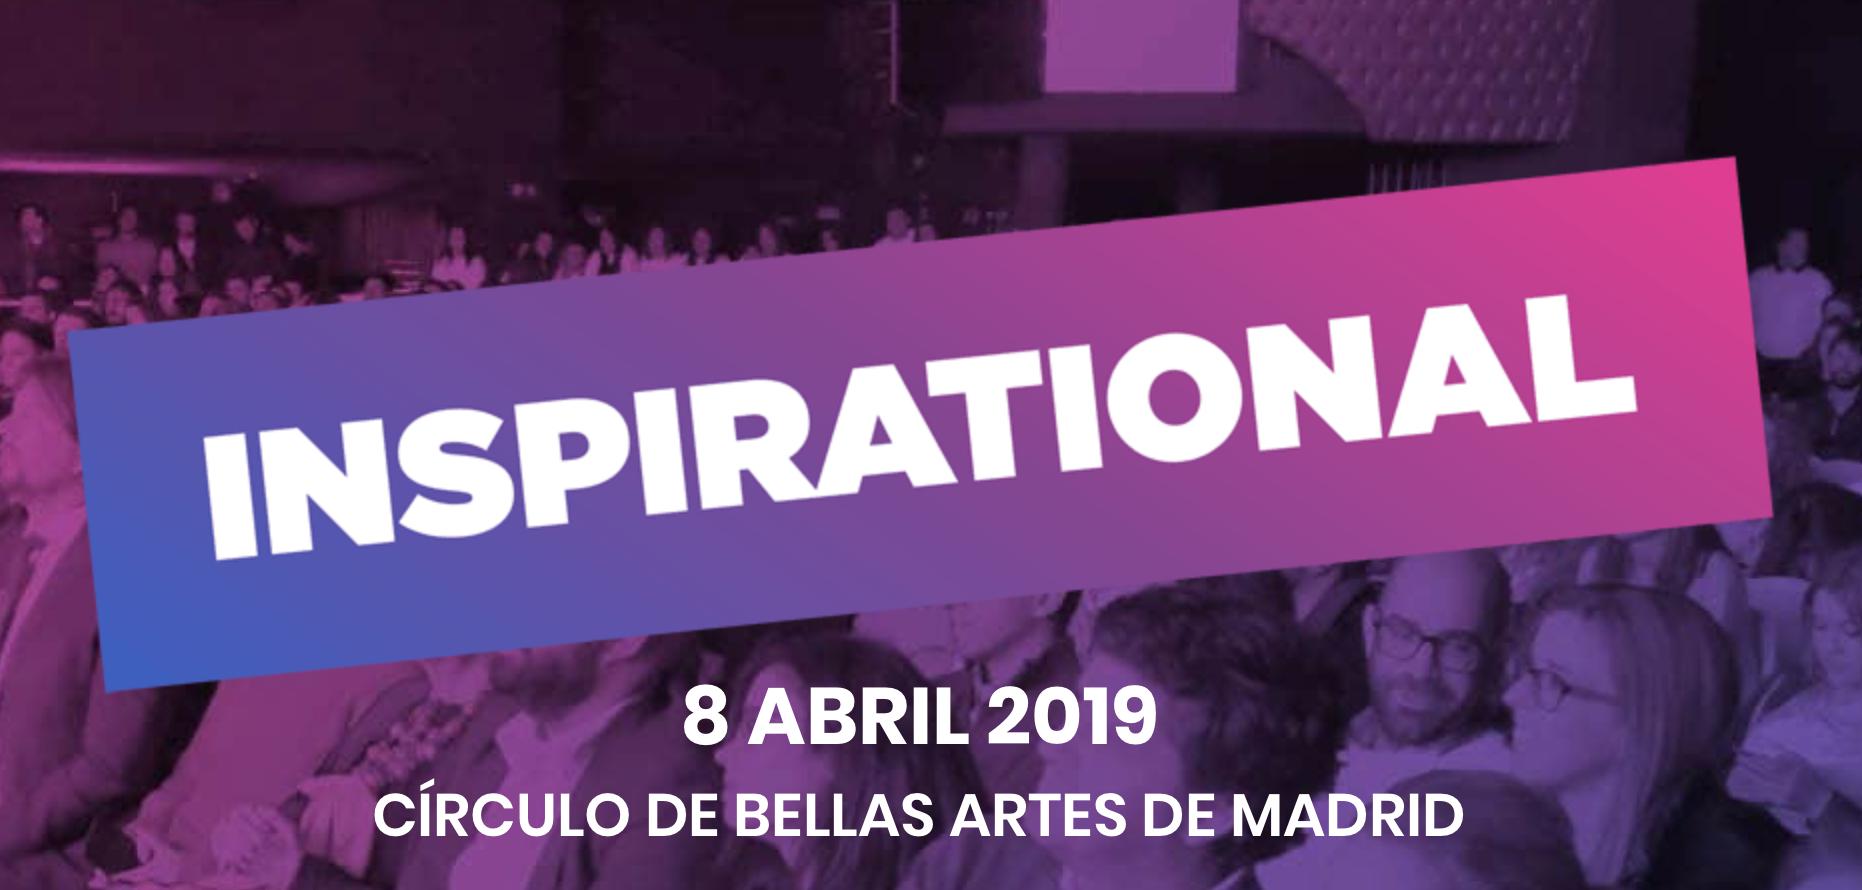 IAB Spain presenta la XII edición del Festival Inspirational '19 - 16/1/2019. Inspirational'19, que cumple su XII edición, presenta importantes novedades como la inclusión de nuevos premios que reconocerán el talento e innovación en categorías como Data, Estrategia de influencia, Digital Craft y Producción Audiovisual Digital, reflejando así la realidad actual de la Industria, y de su impacto en las marcas y los consumidores.